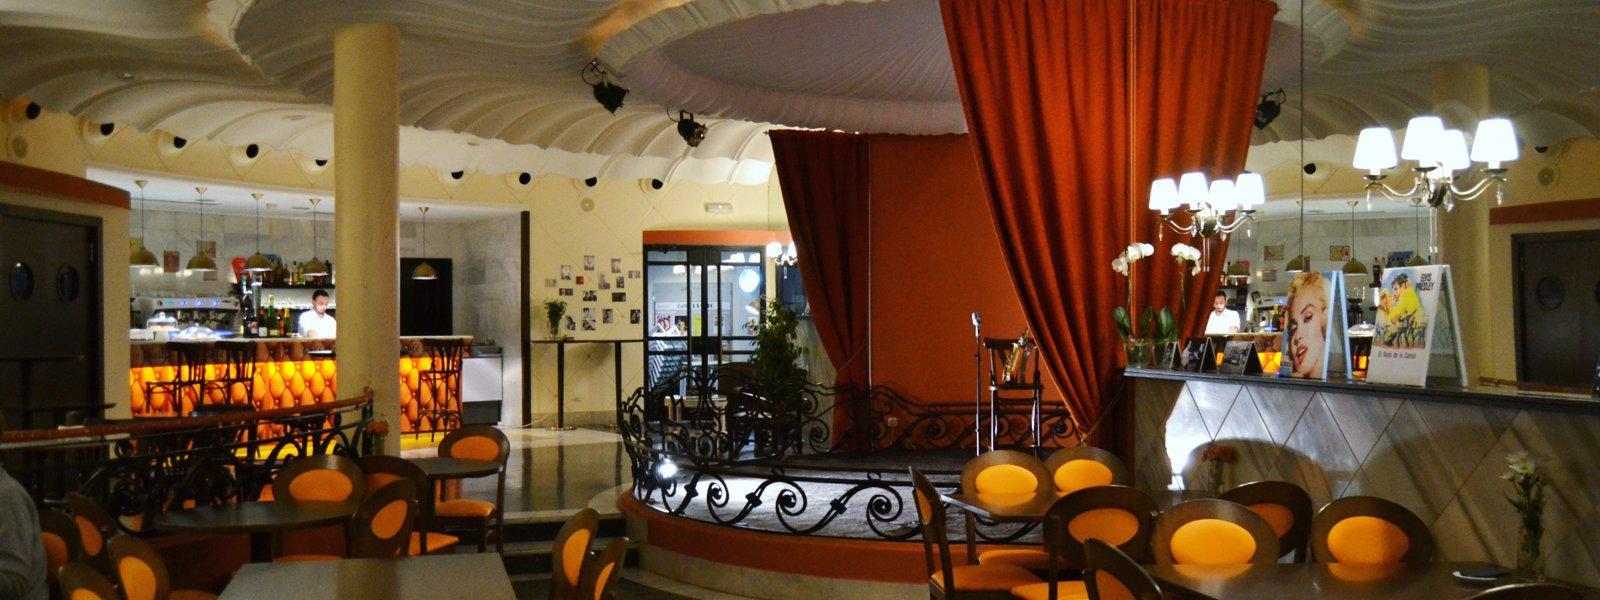 Teatre Rialto, localització per a la representació d'espectacles